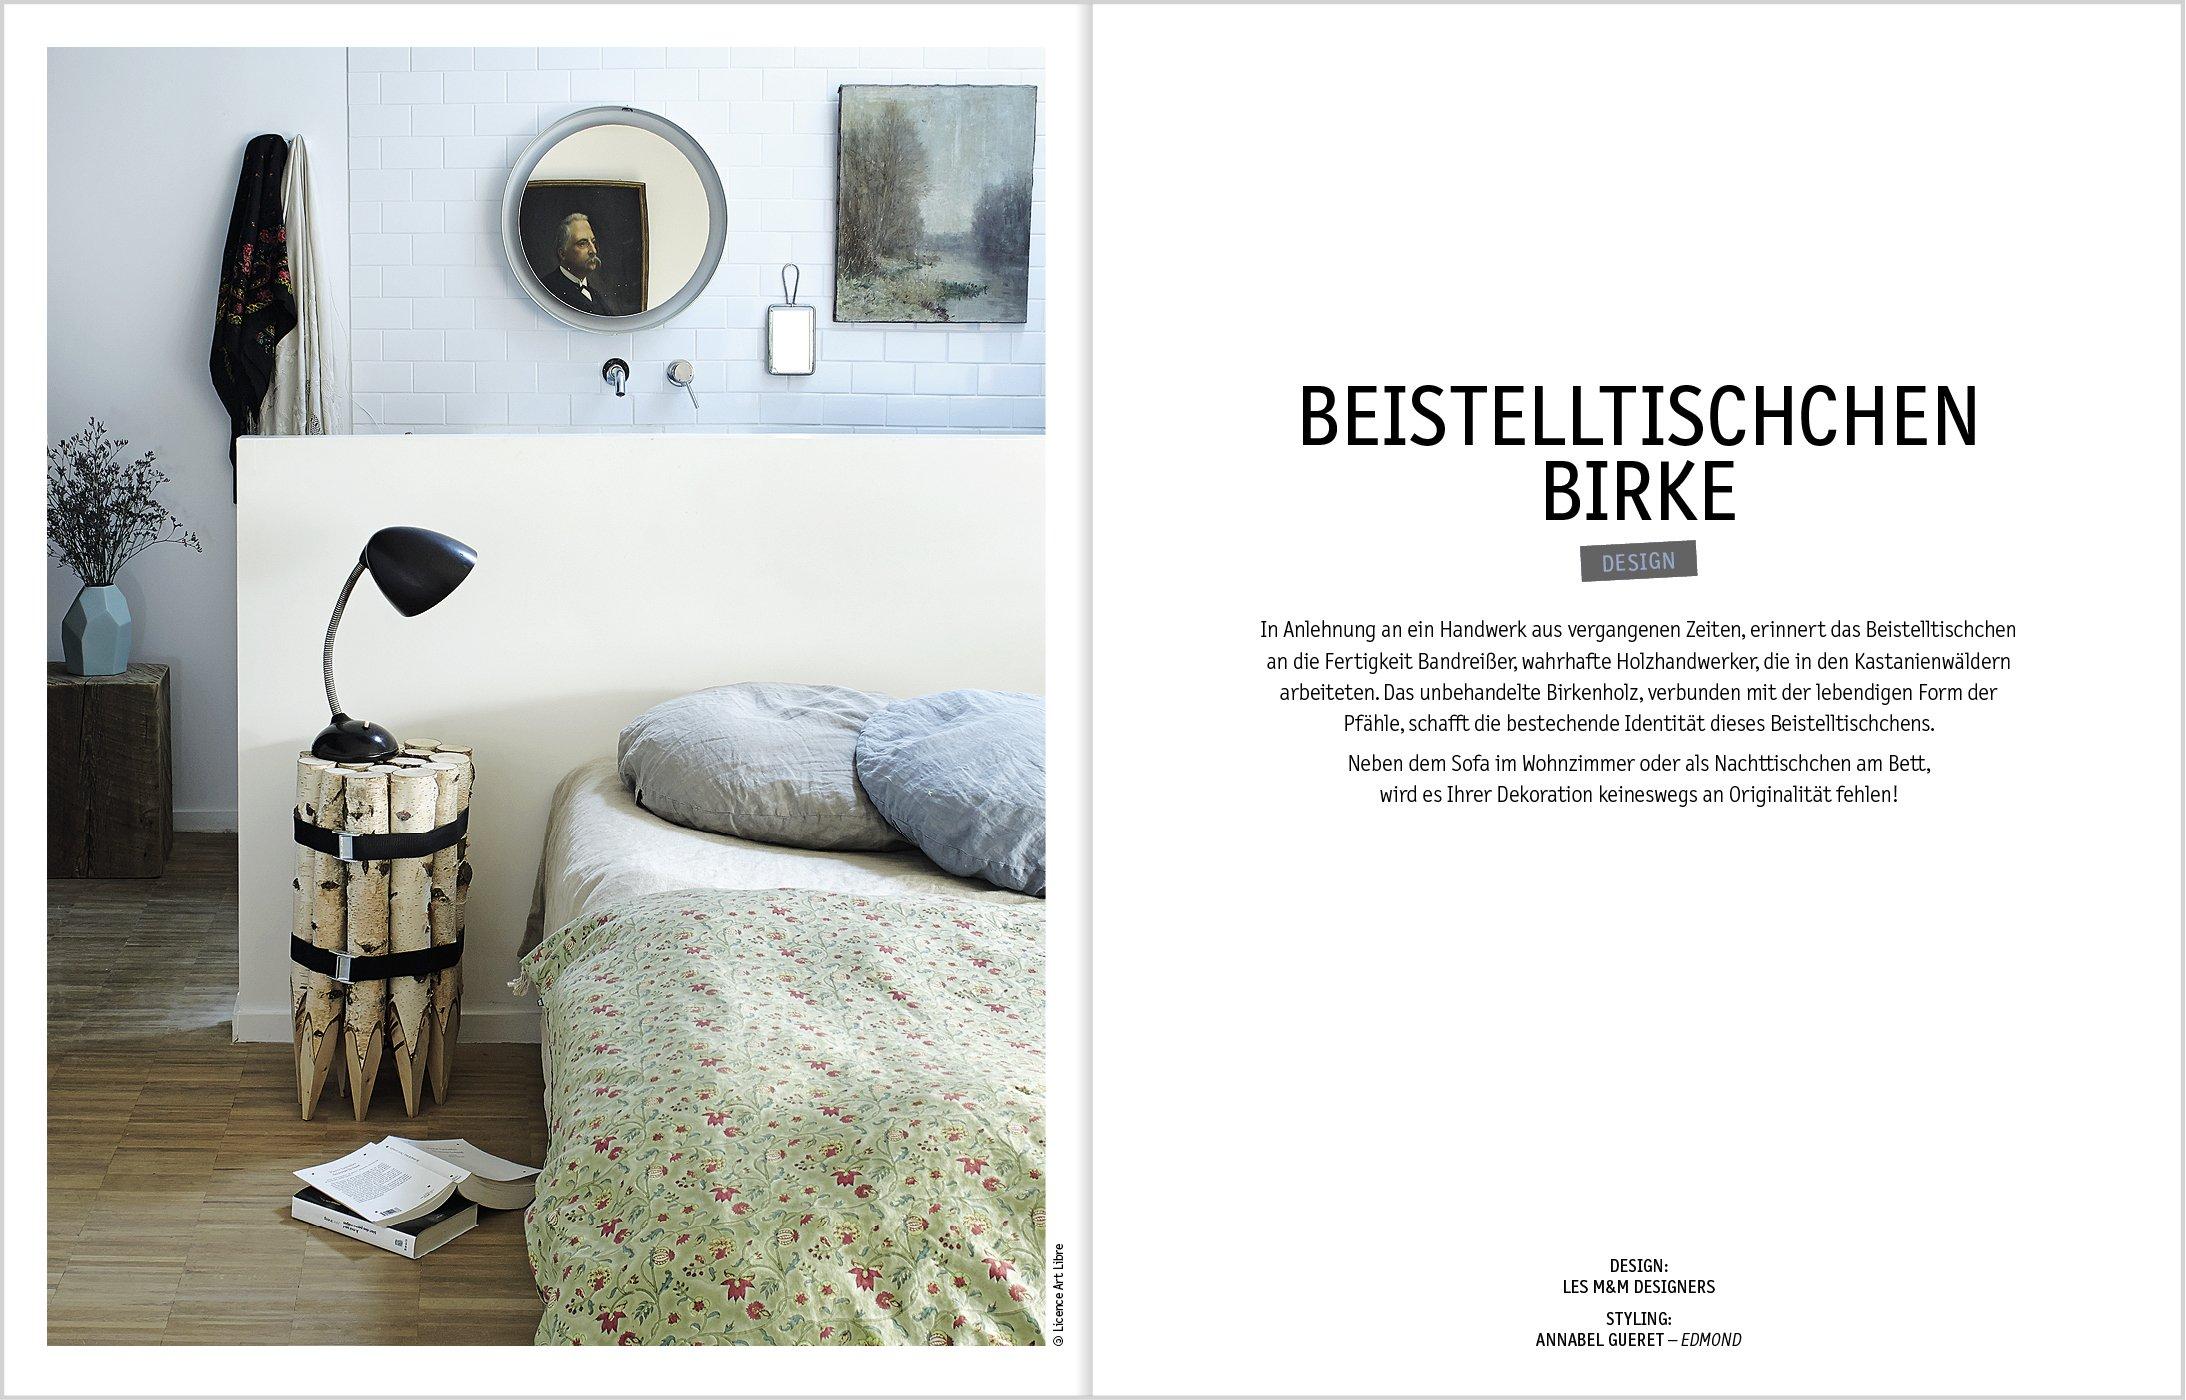 Möbel Bauen Aus Holz Und Naturmaterialien: 20  Schritt Für Schritt Anleitungen Für Stühle, Lampen U0026 Co.: Amazon.de:  Aurélie Drouet: Bücher